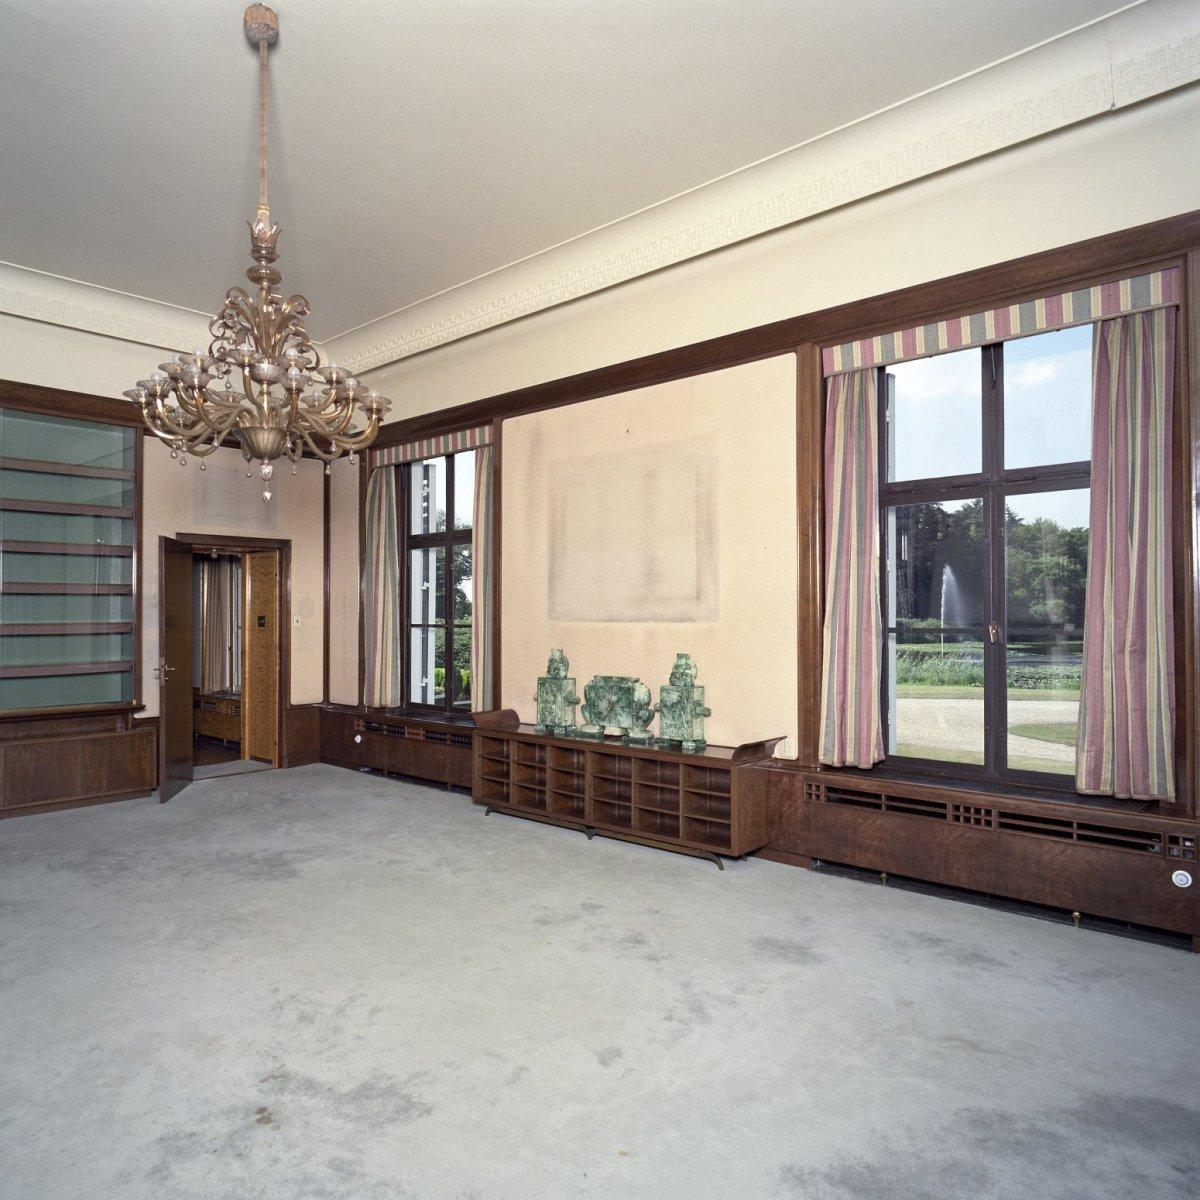 File:Interieur, overzicht van de lege bibliotheek annex woonkamer ...